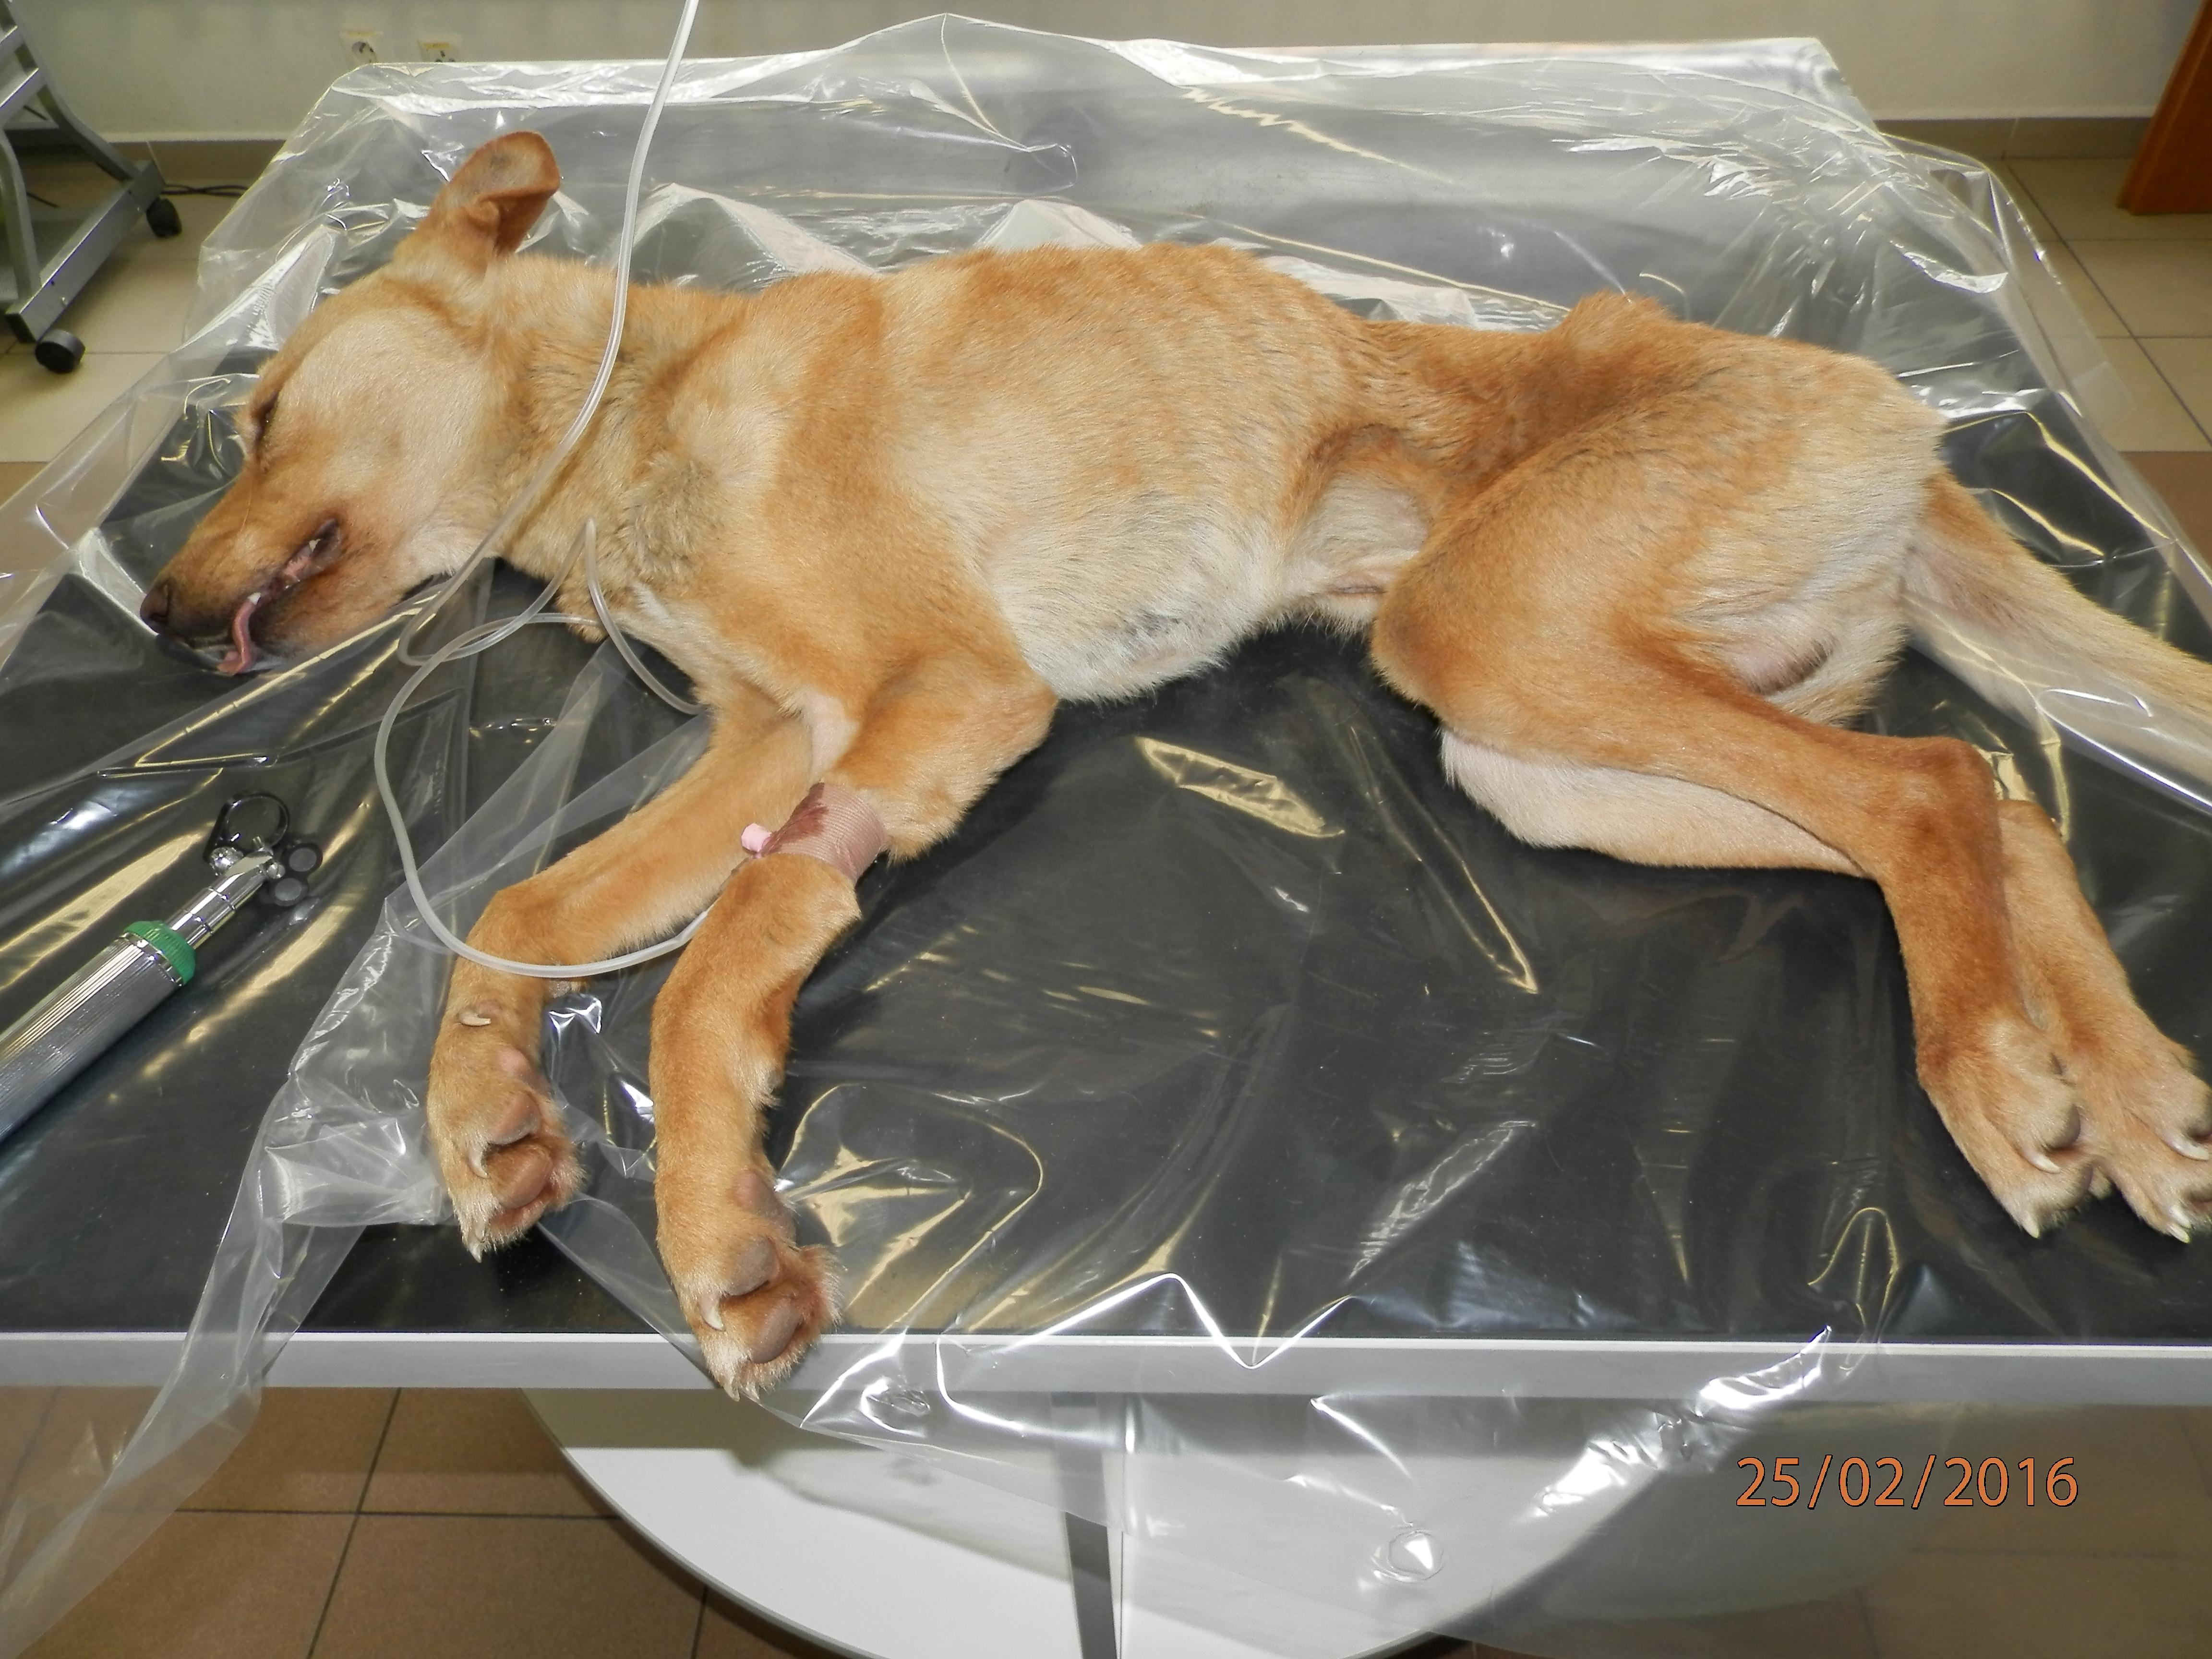 Okresný súd v Spišskej Novej Vsi schválil dohodu o vine a treste v prípade  prečinu týrania zvierat 57e4c632dba